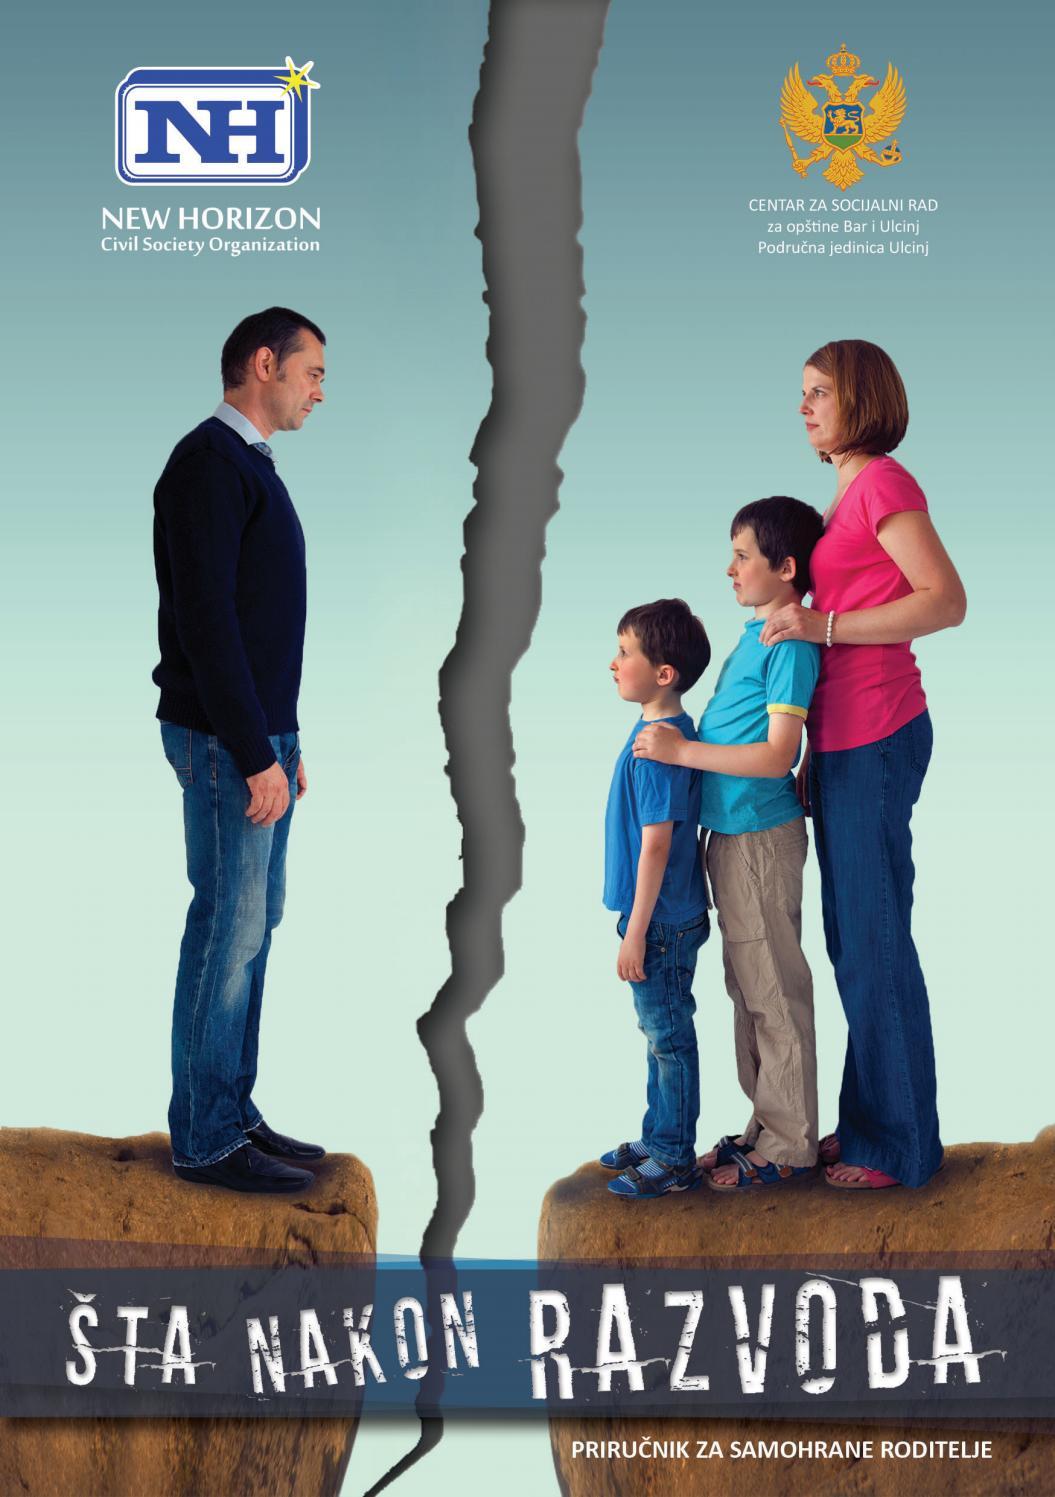 izbjegavajte druženje sa samohranim roditeljima